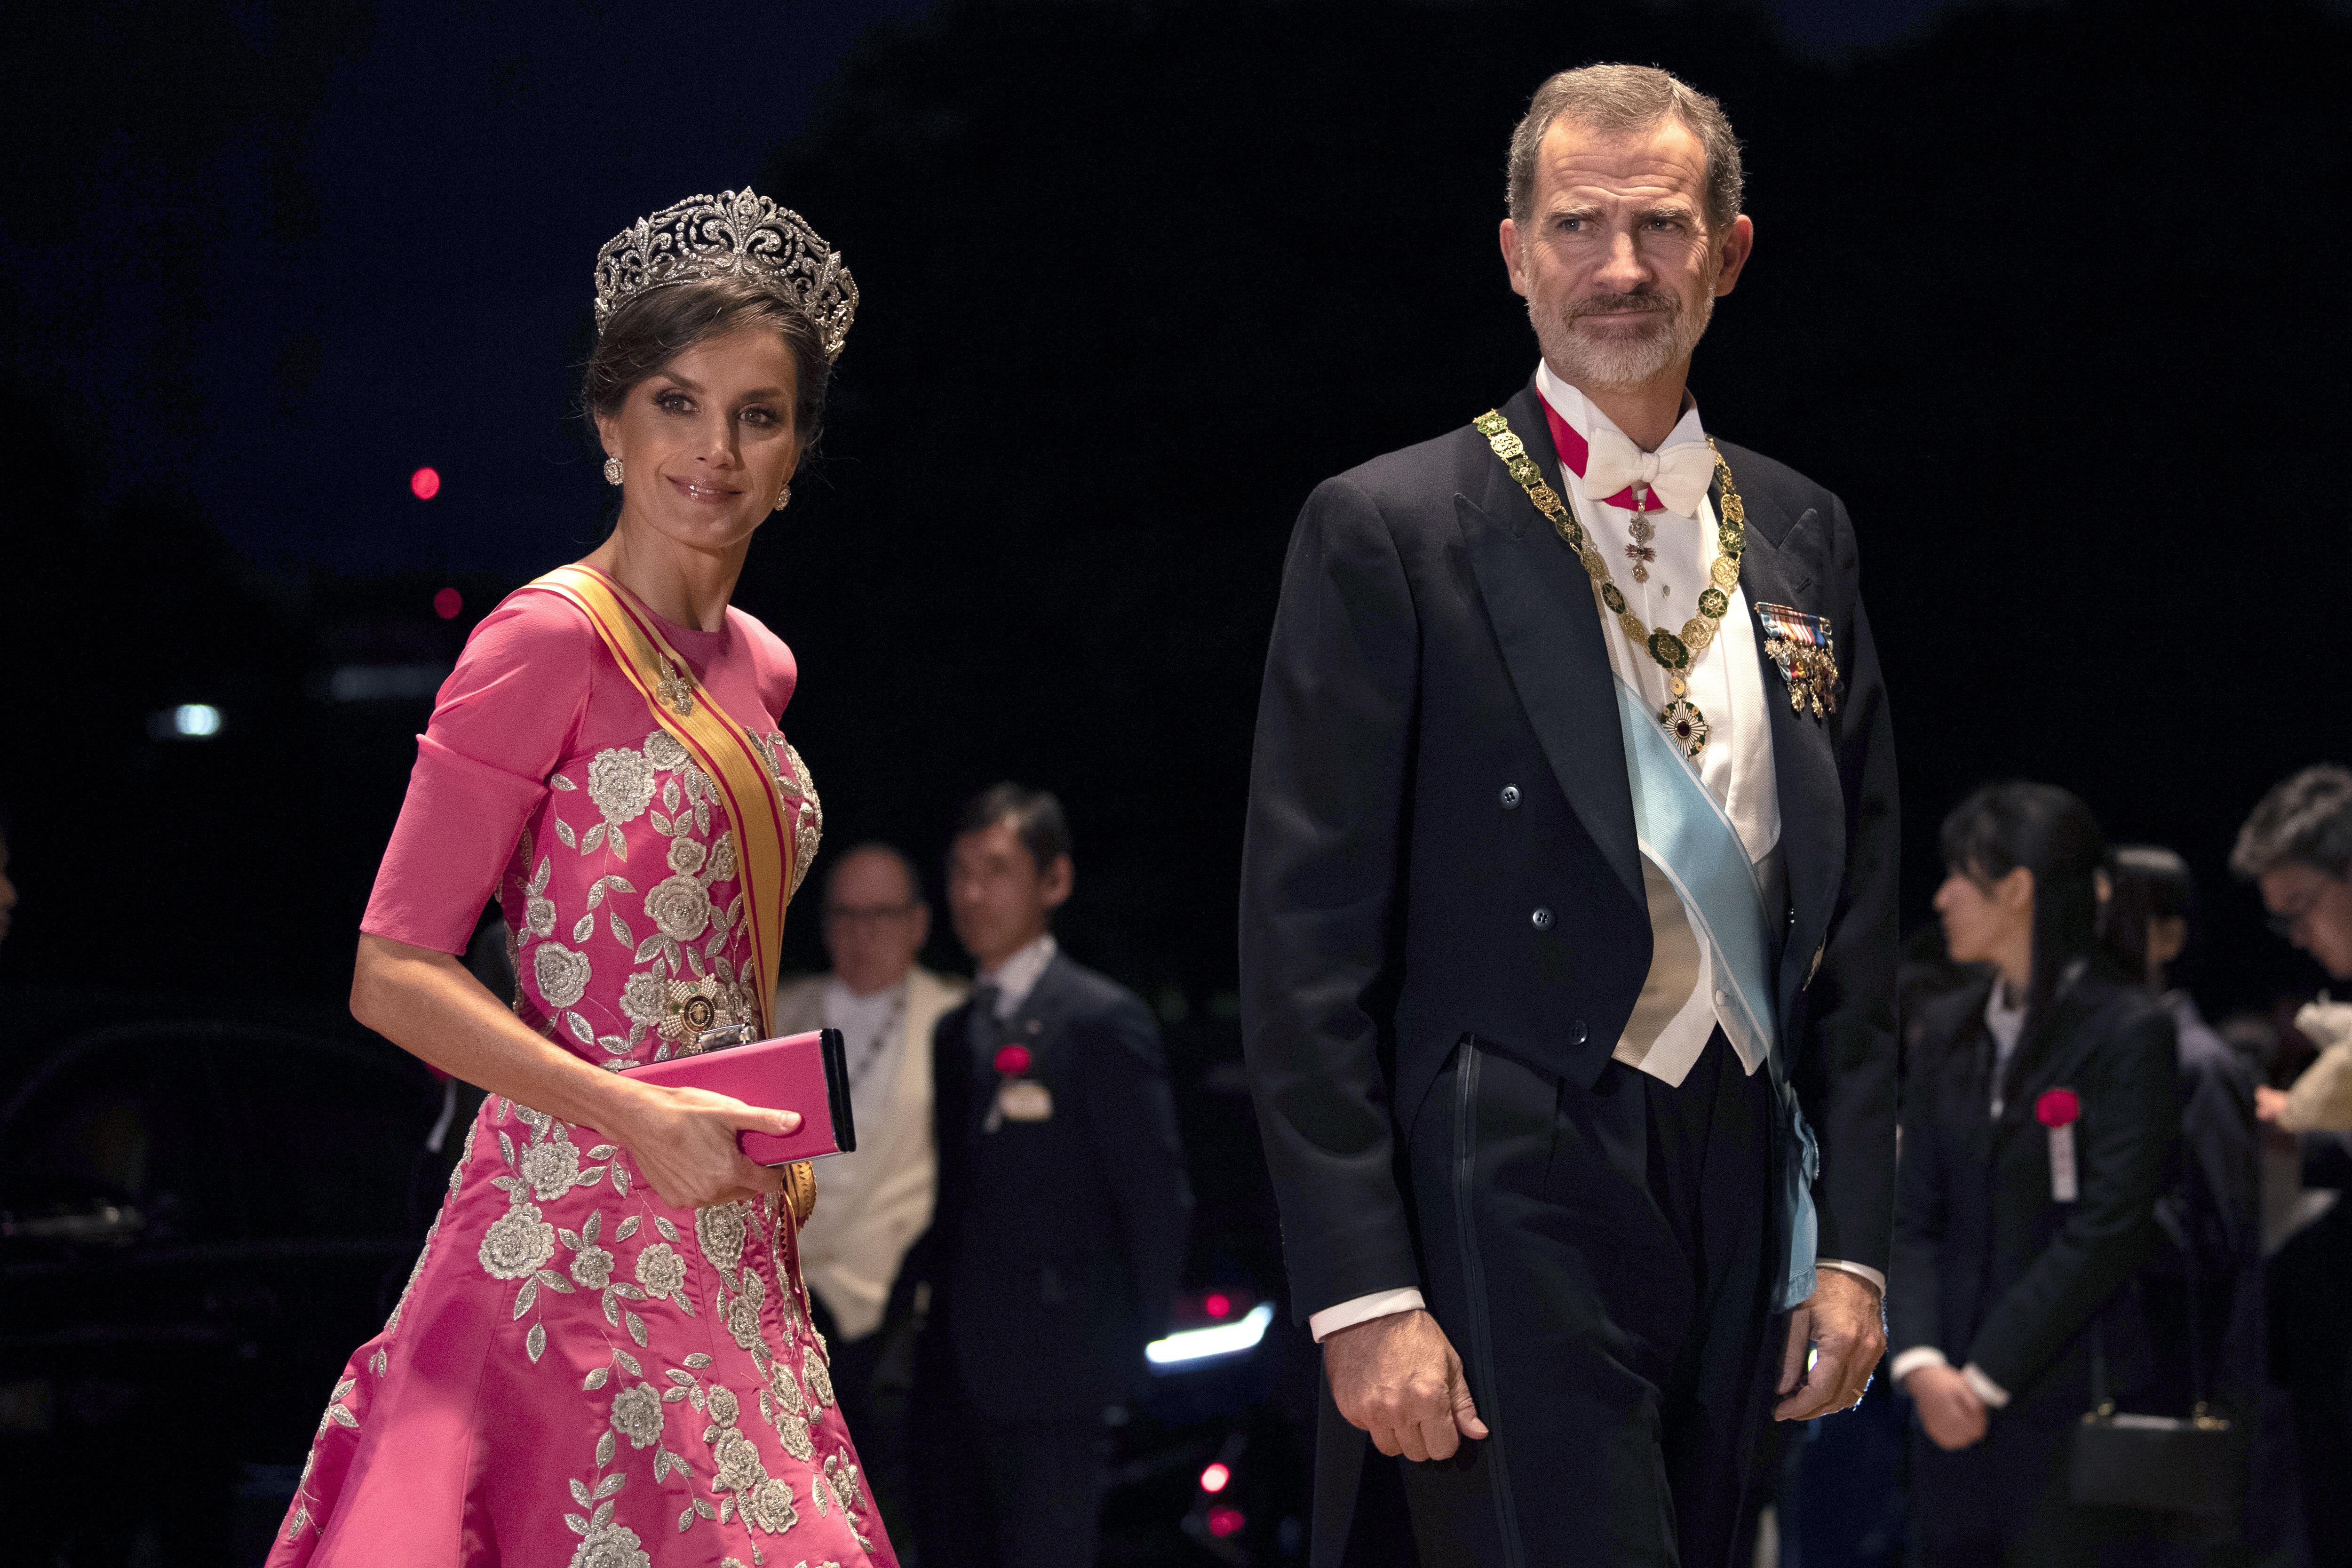 Los reyes Felipe y Letizia de España asistieron al evento. (AP)